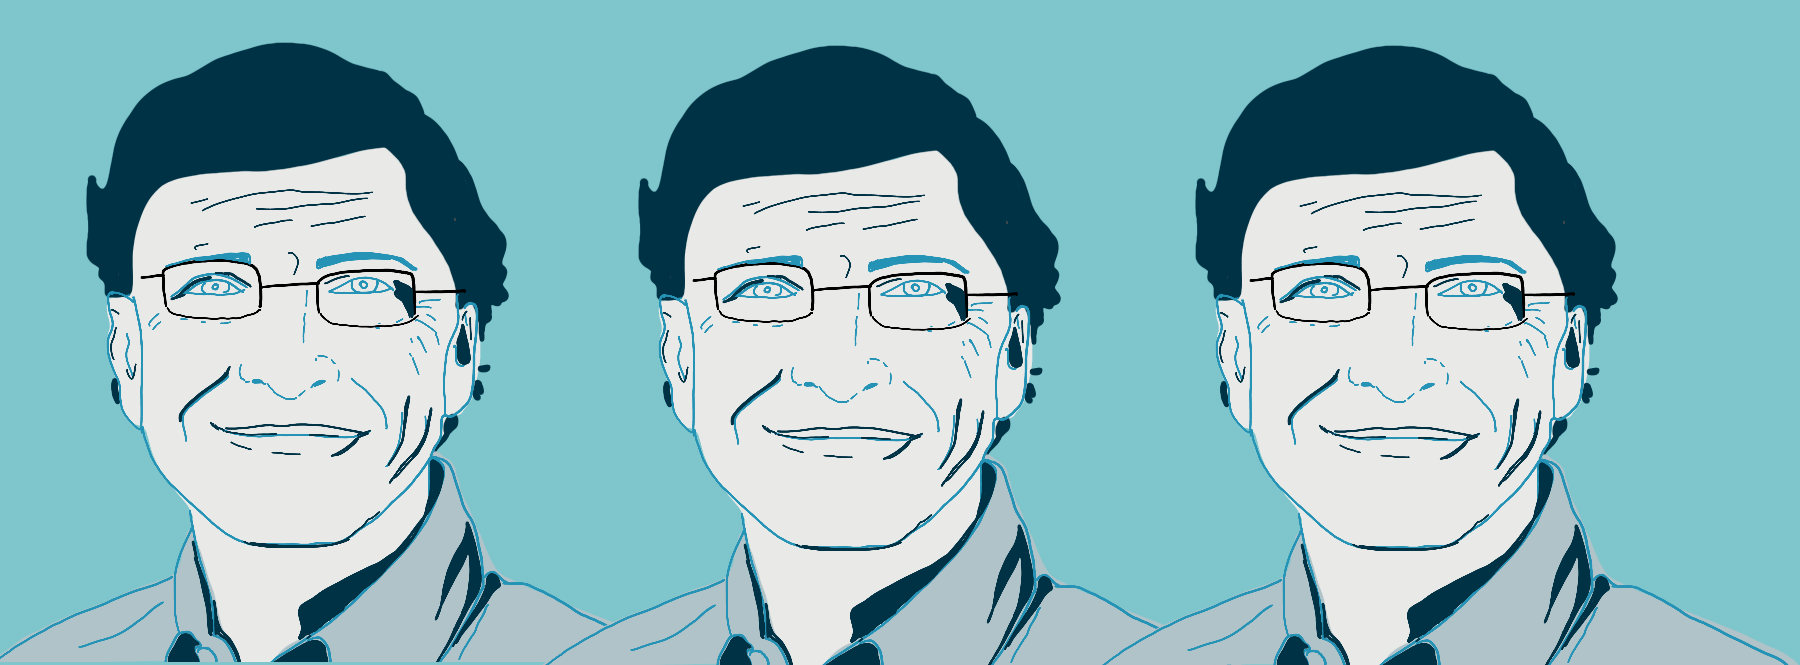 Documental 'Bill Gates bajo la lupa', ¿es posible descifrar la mente de un genio?